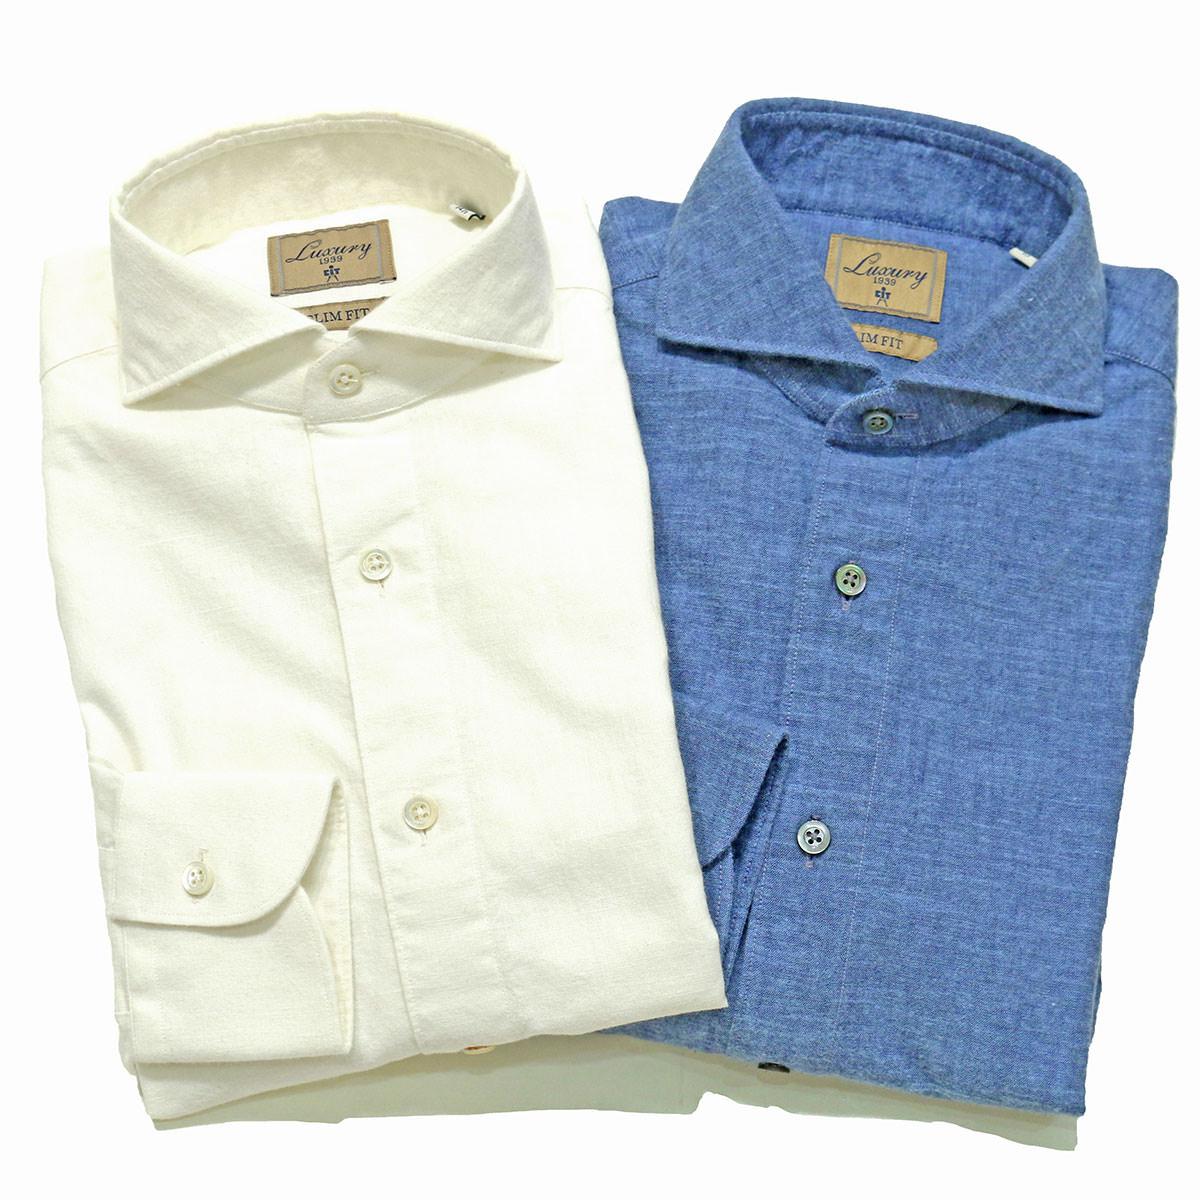 CIT LUXURY(チットラグジュアリー)PAUL ブラッシュドコットン シャンブレー ワイドカラーシャツ